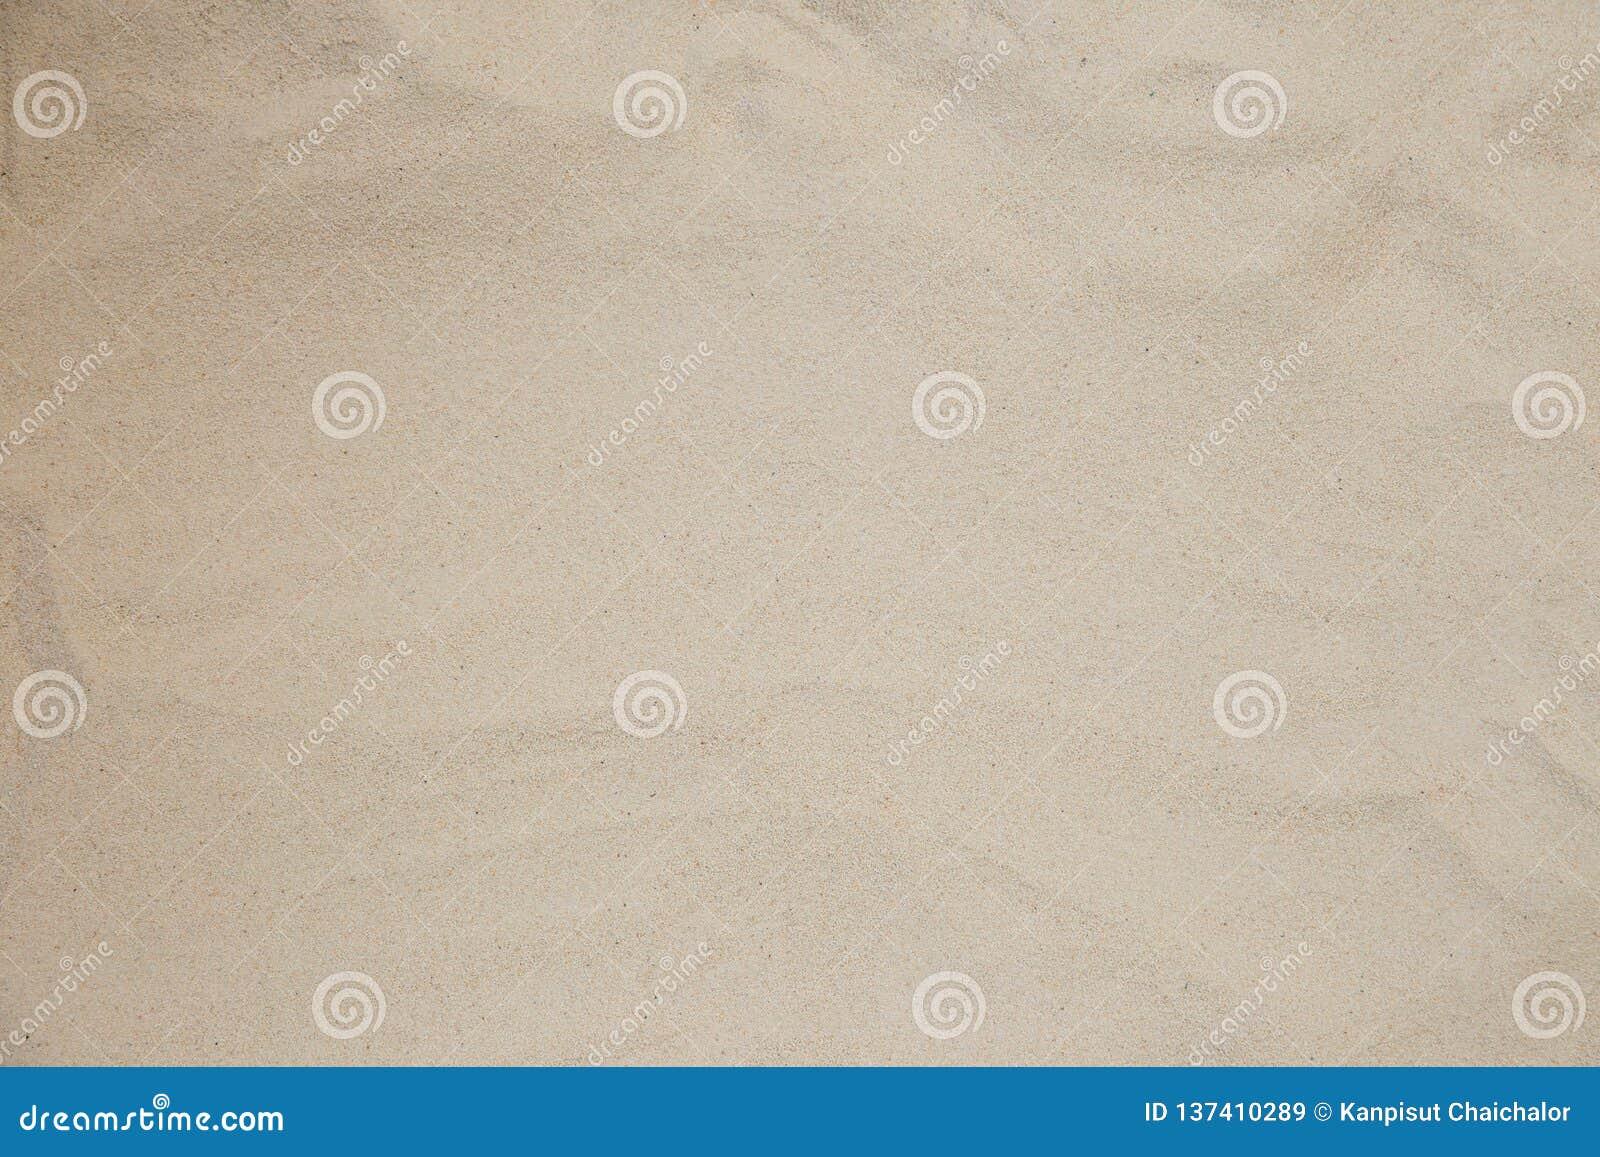 Natuurlijke de textuurachtergrond van de zandsteen Zand op het strand als achtergrond De concrete textuur van de kunstroom voor a